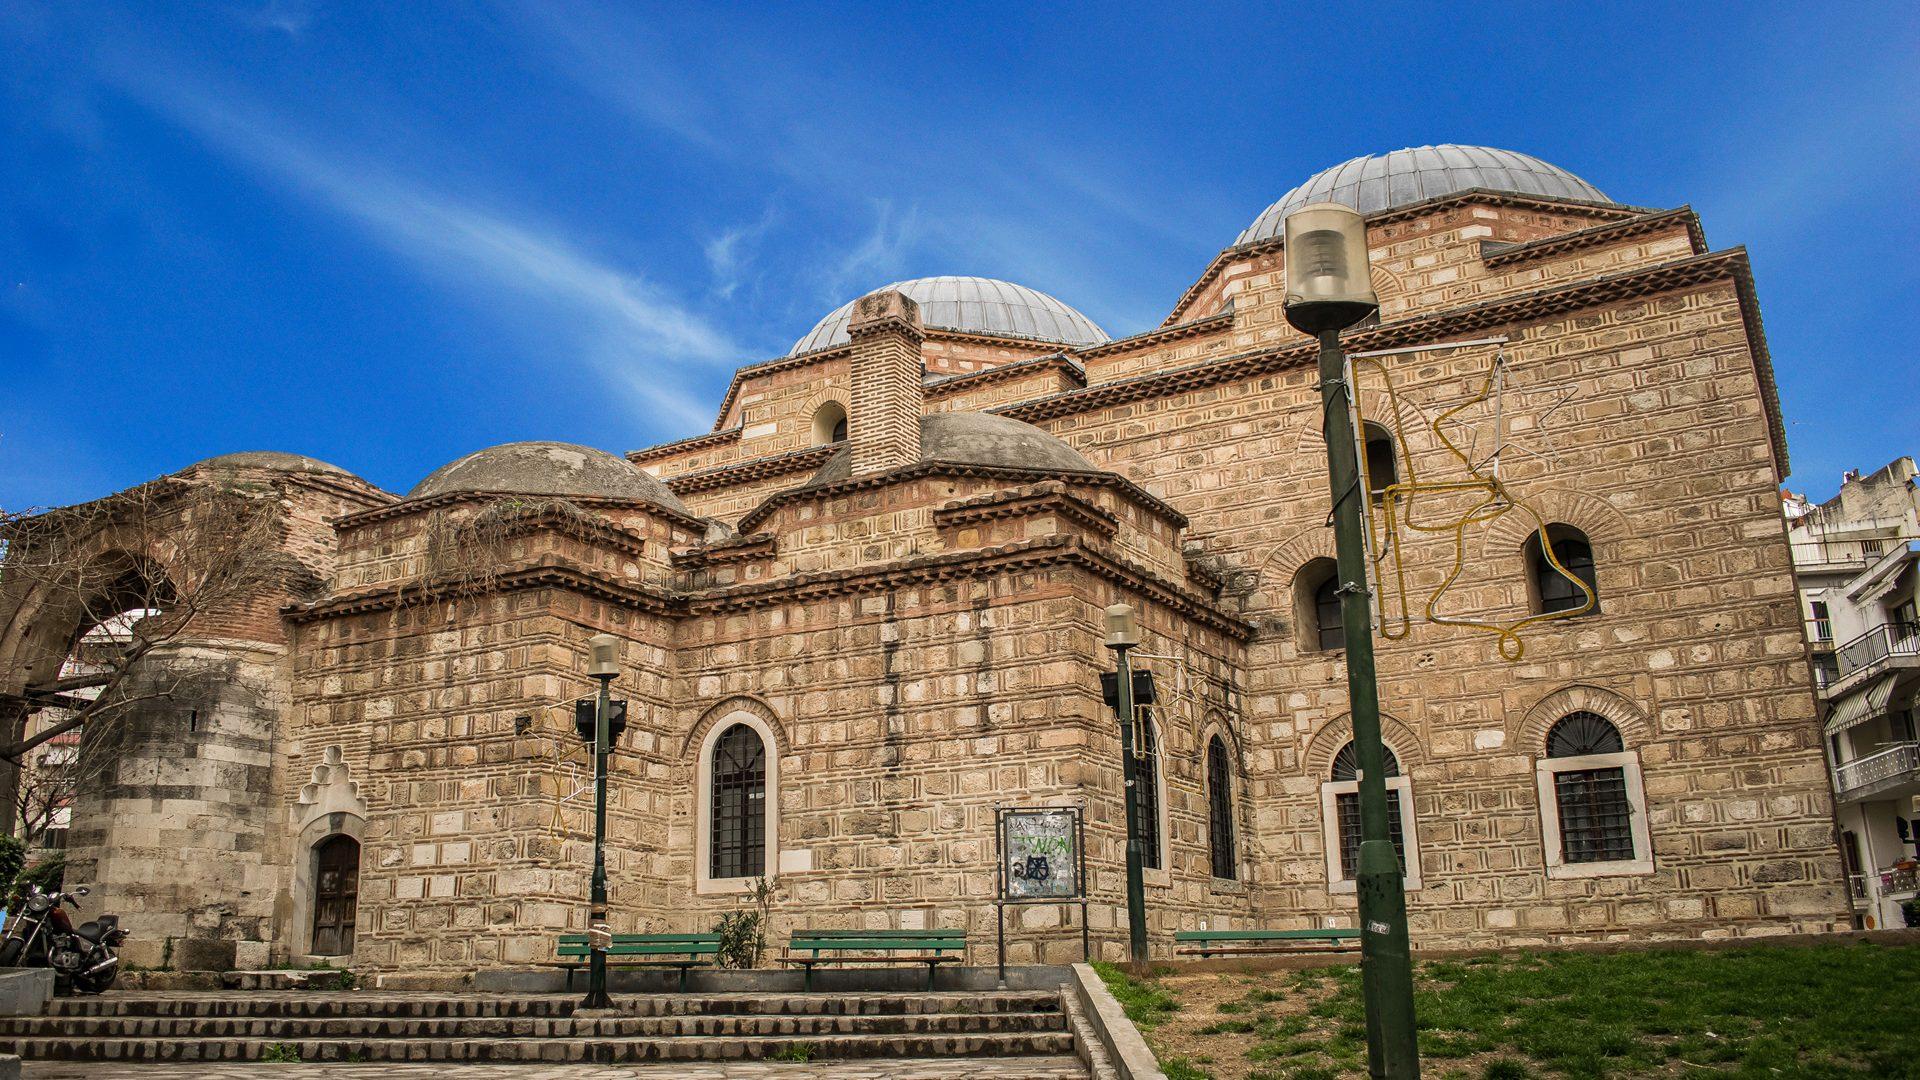 Alaca Imaret Mosque found in Thessaloniki, Greece